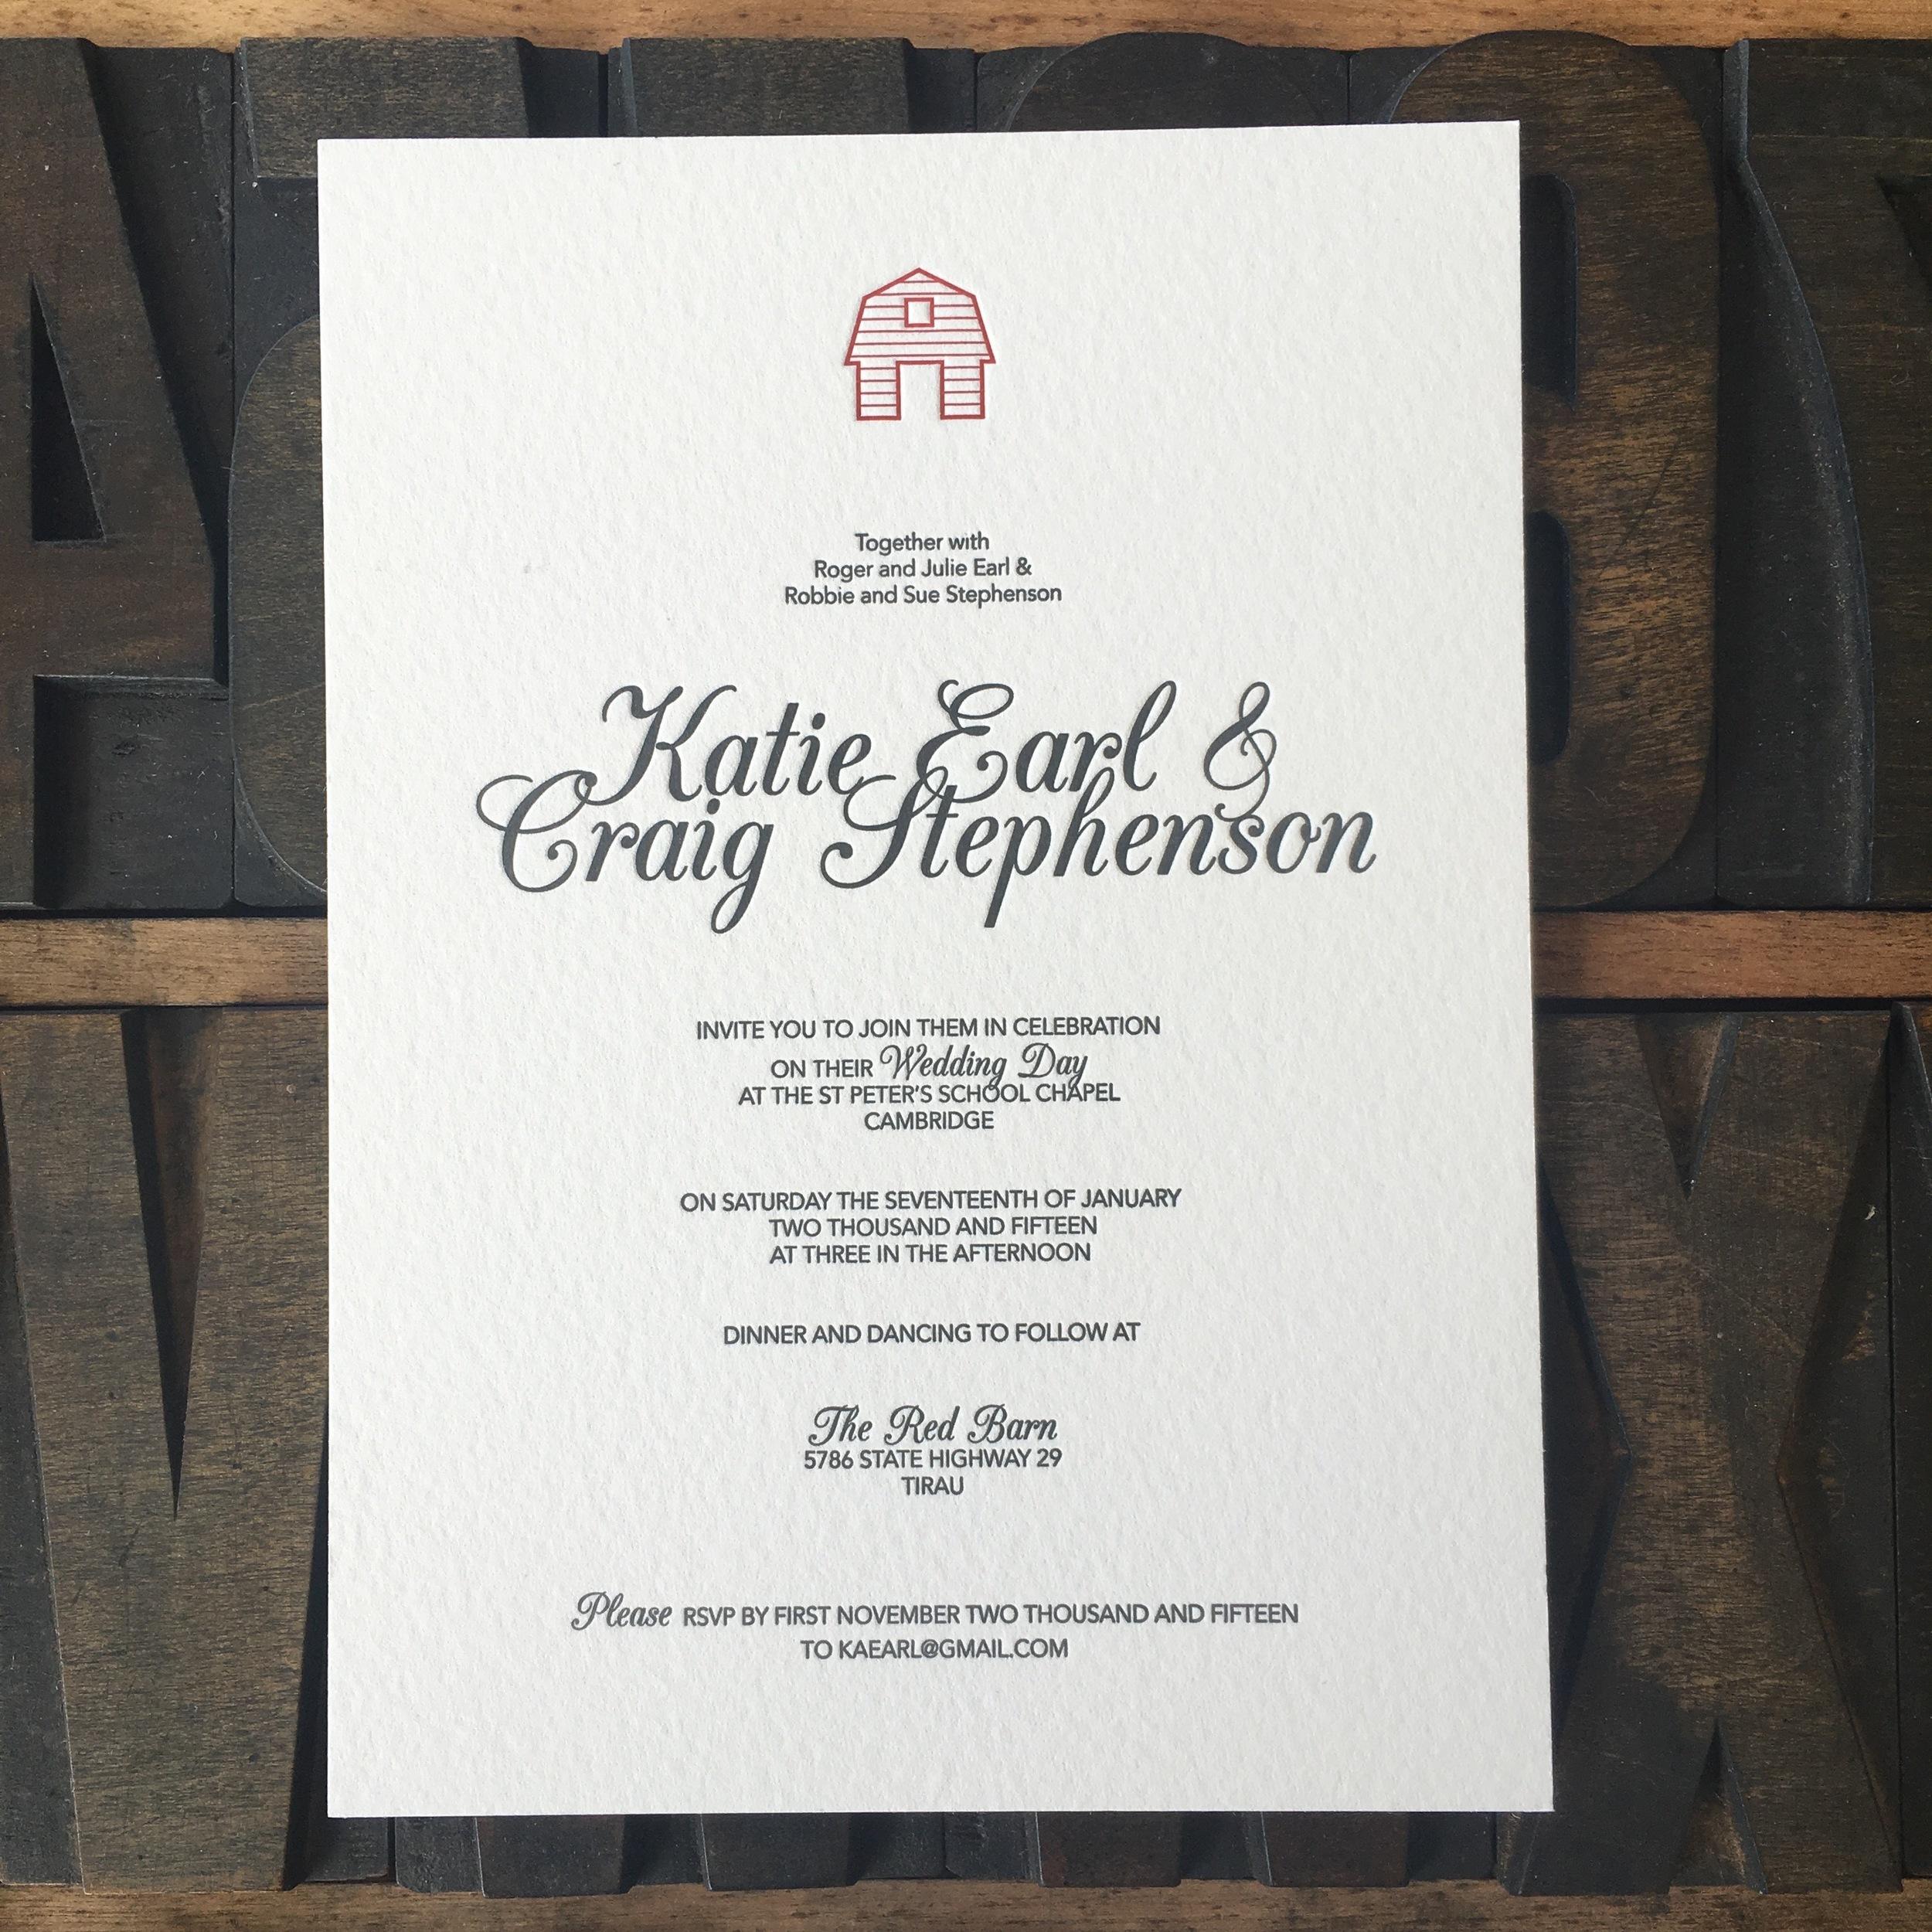 Katie & Craig